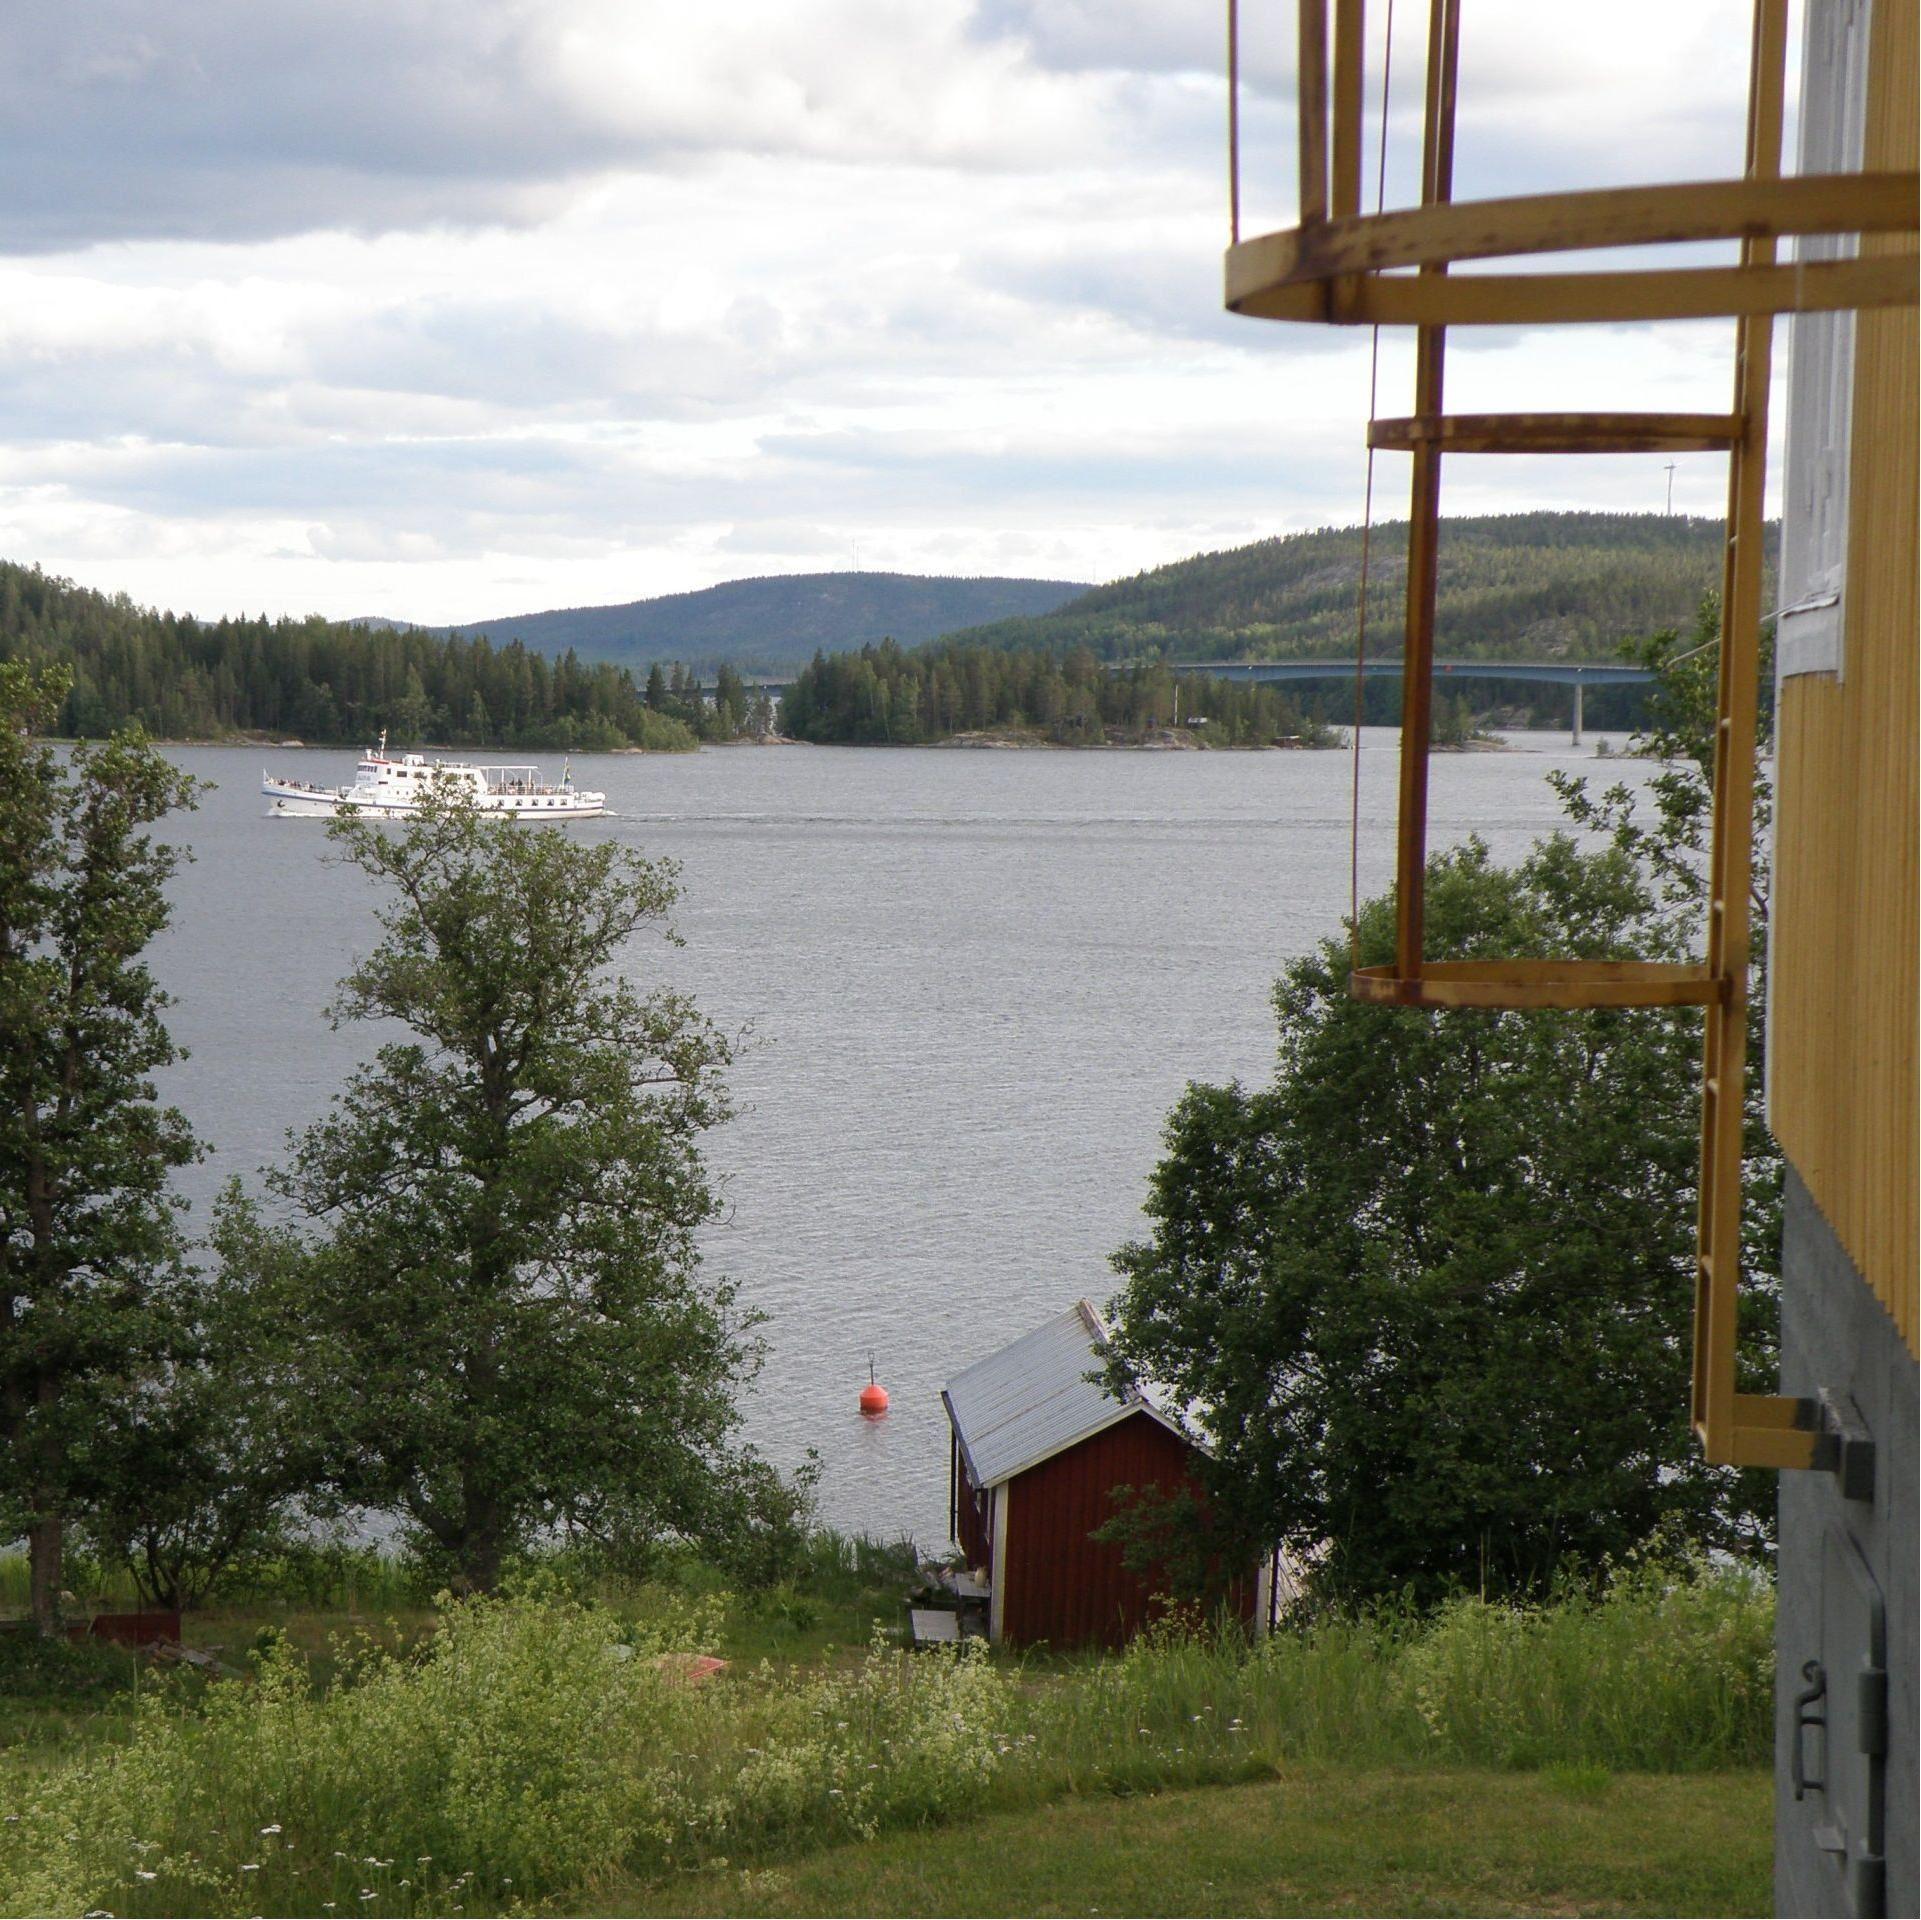 Till höger på bilden syns kortsidan av huvudbyggnaden. Vid vattnet ligger sjöboden där det också finns logi. På fjärden passerar Ådalen III